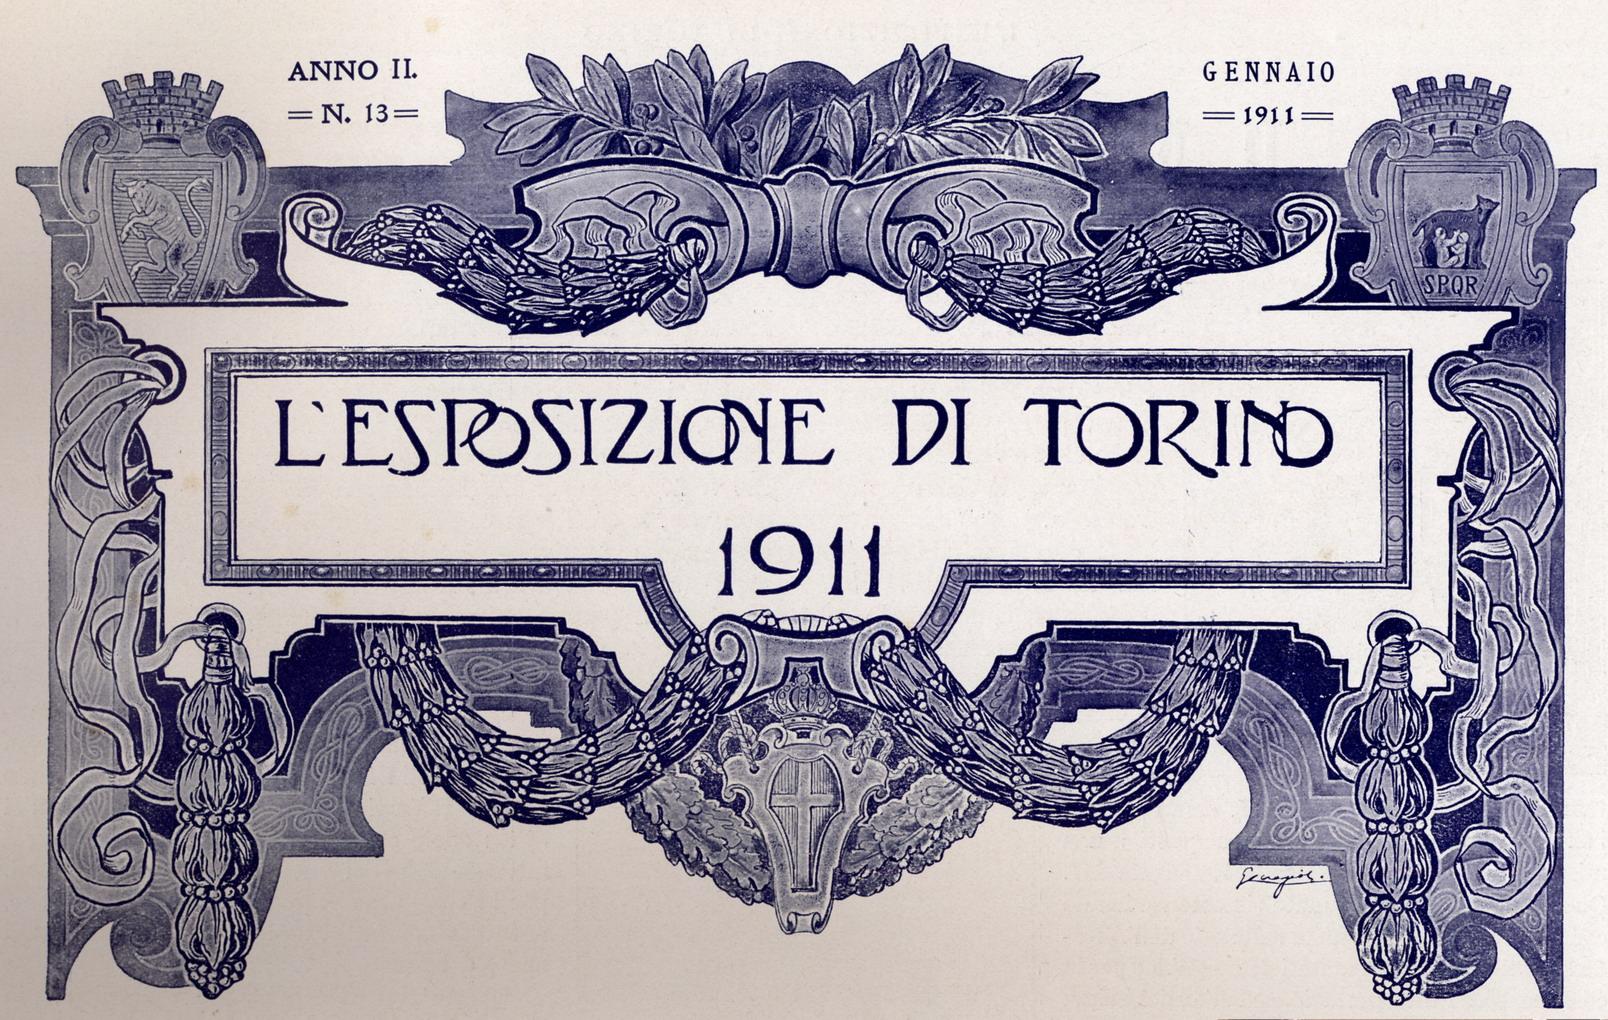 Una Scuola alle Esposizioni: l'Istituto Aldini-Valeriani (1856-1911)